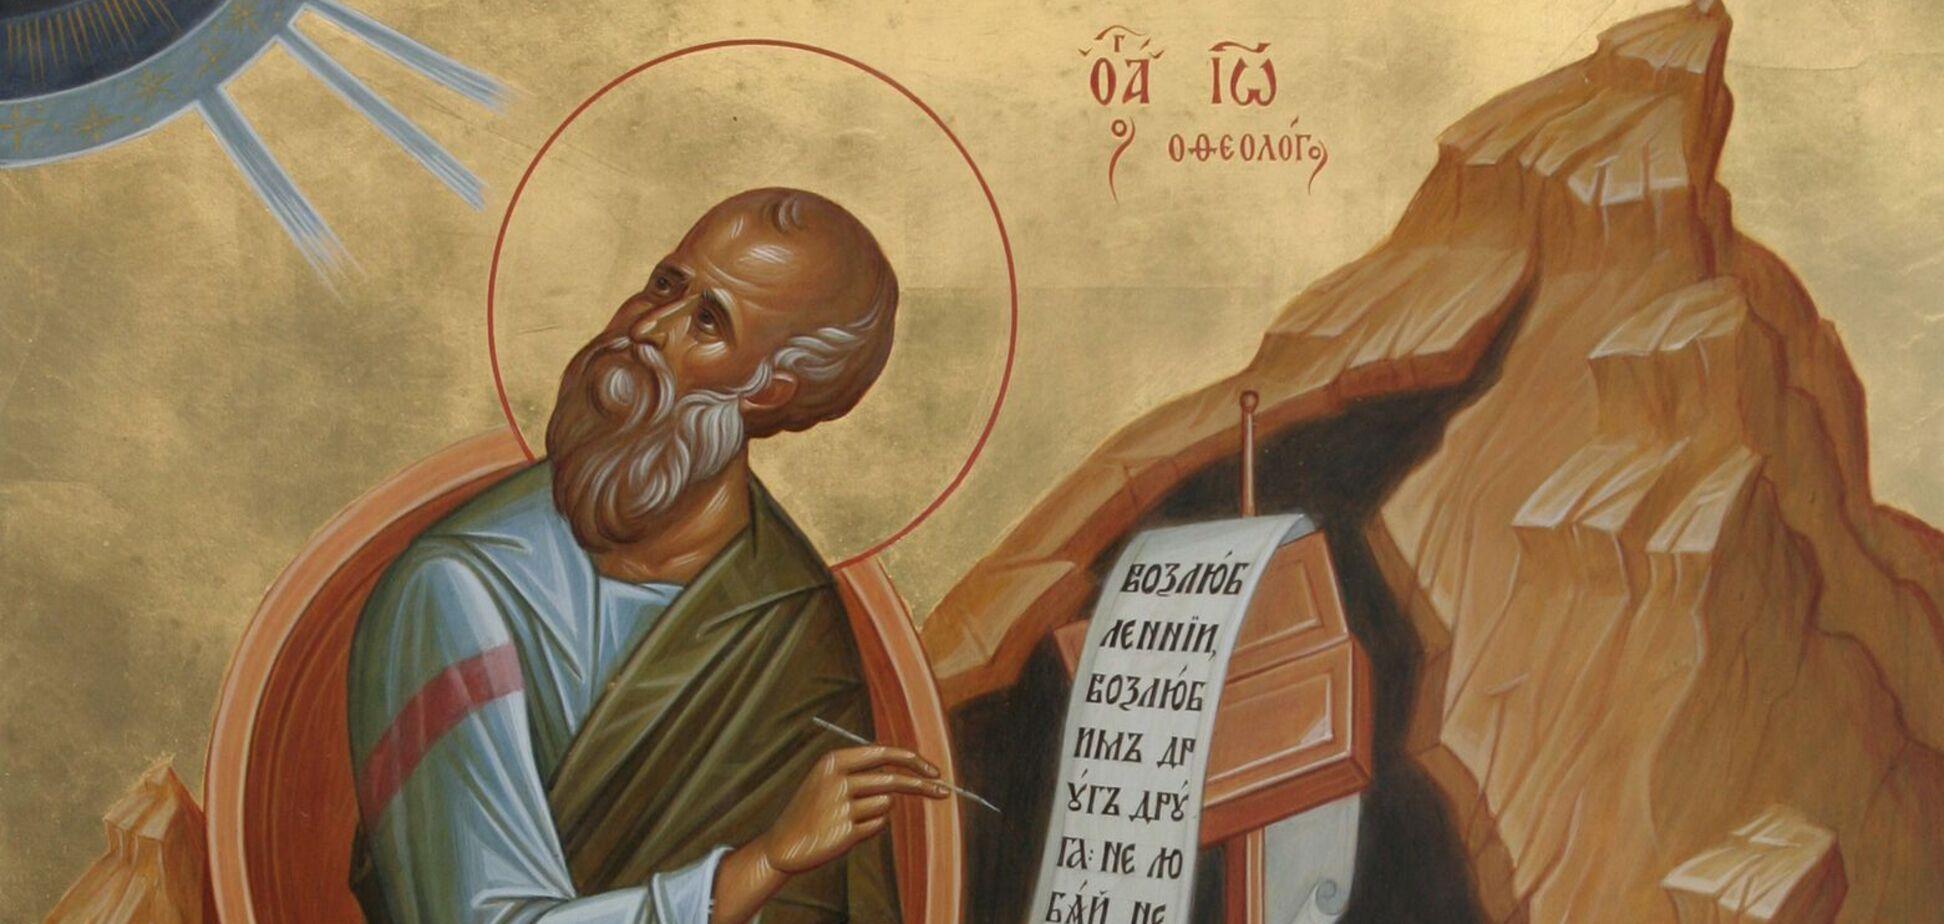 Іоанн Богослов був наймолодшим з апостолів Спасителя